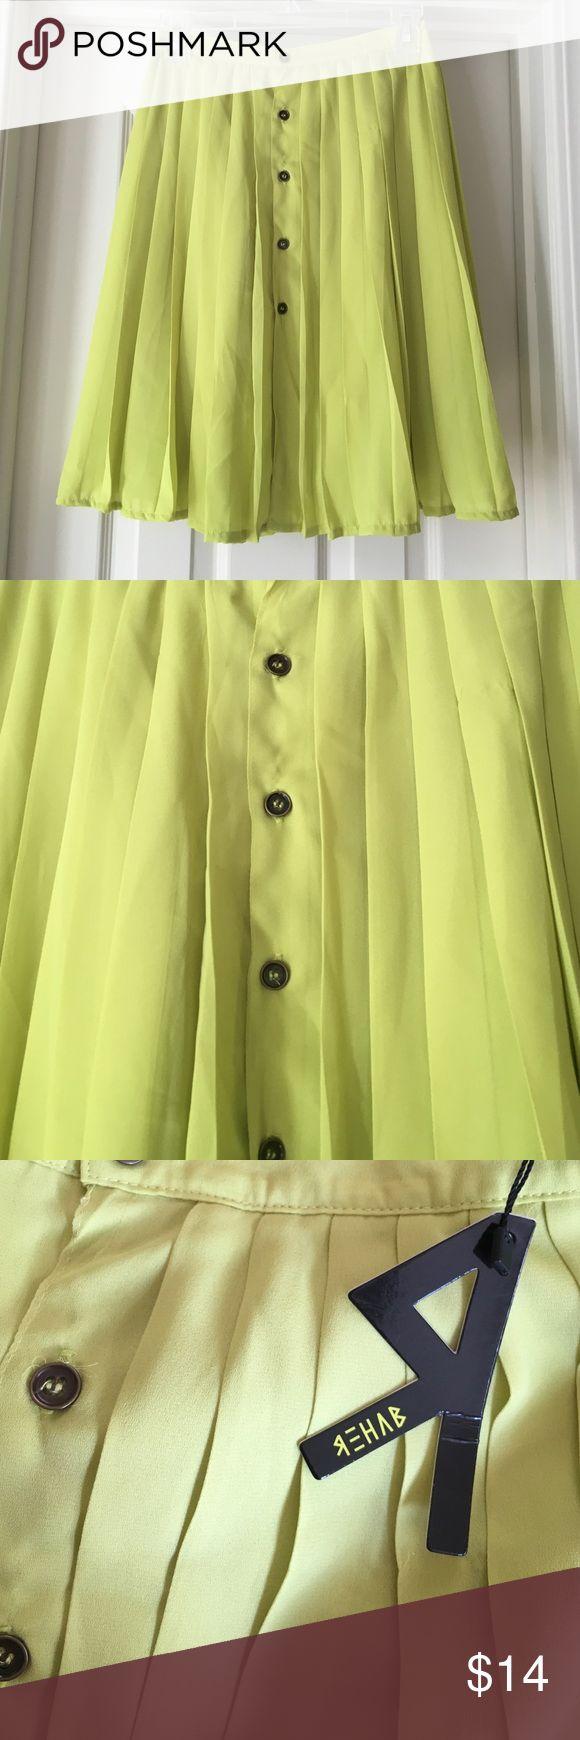 High waisted button up skirt High waisted button up skirt Skirts